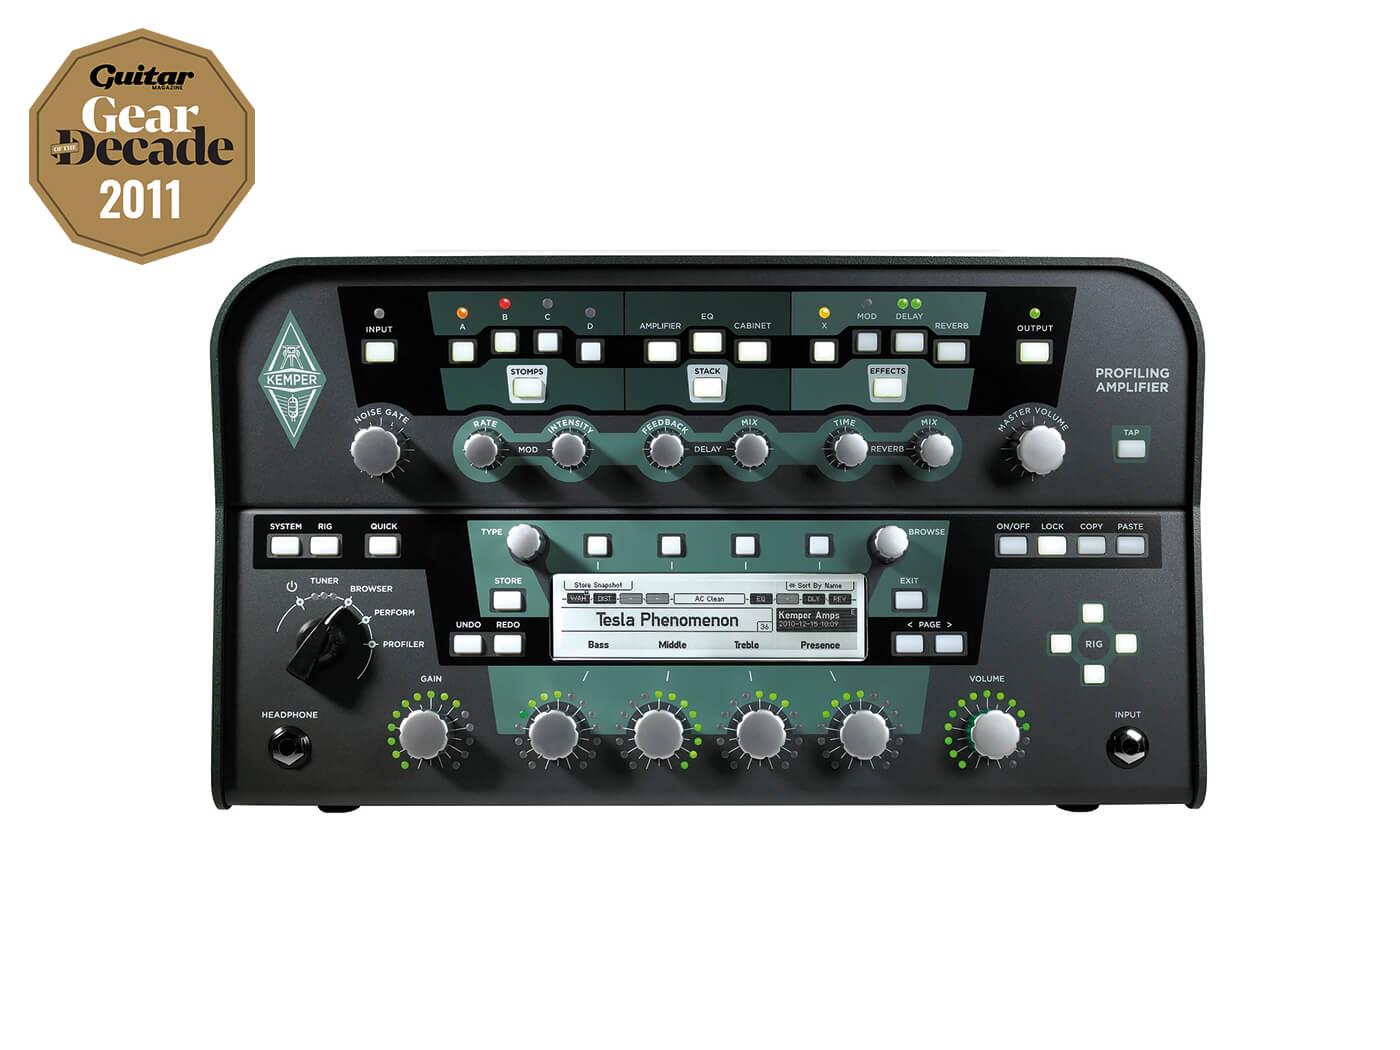 GOTD Kemper Profiling Amp